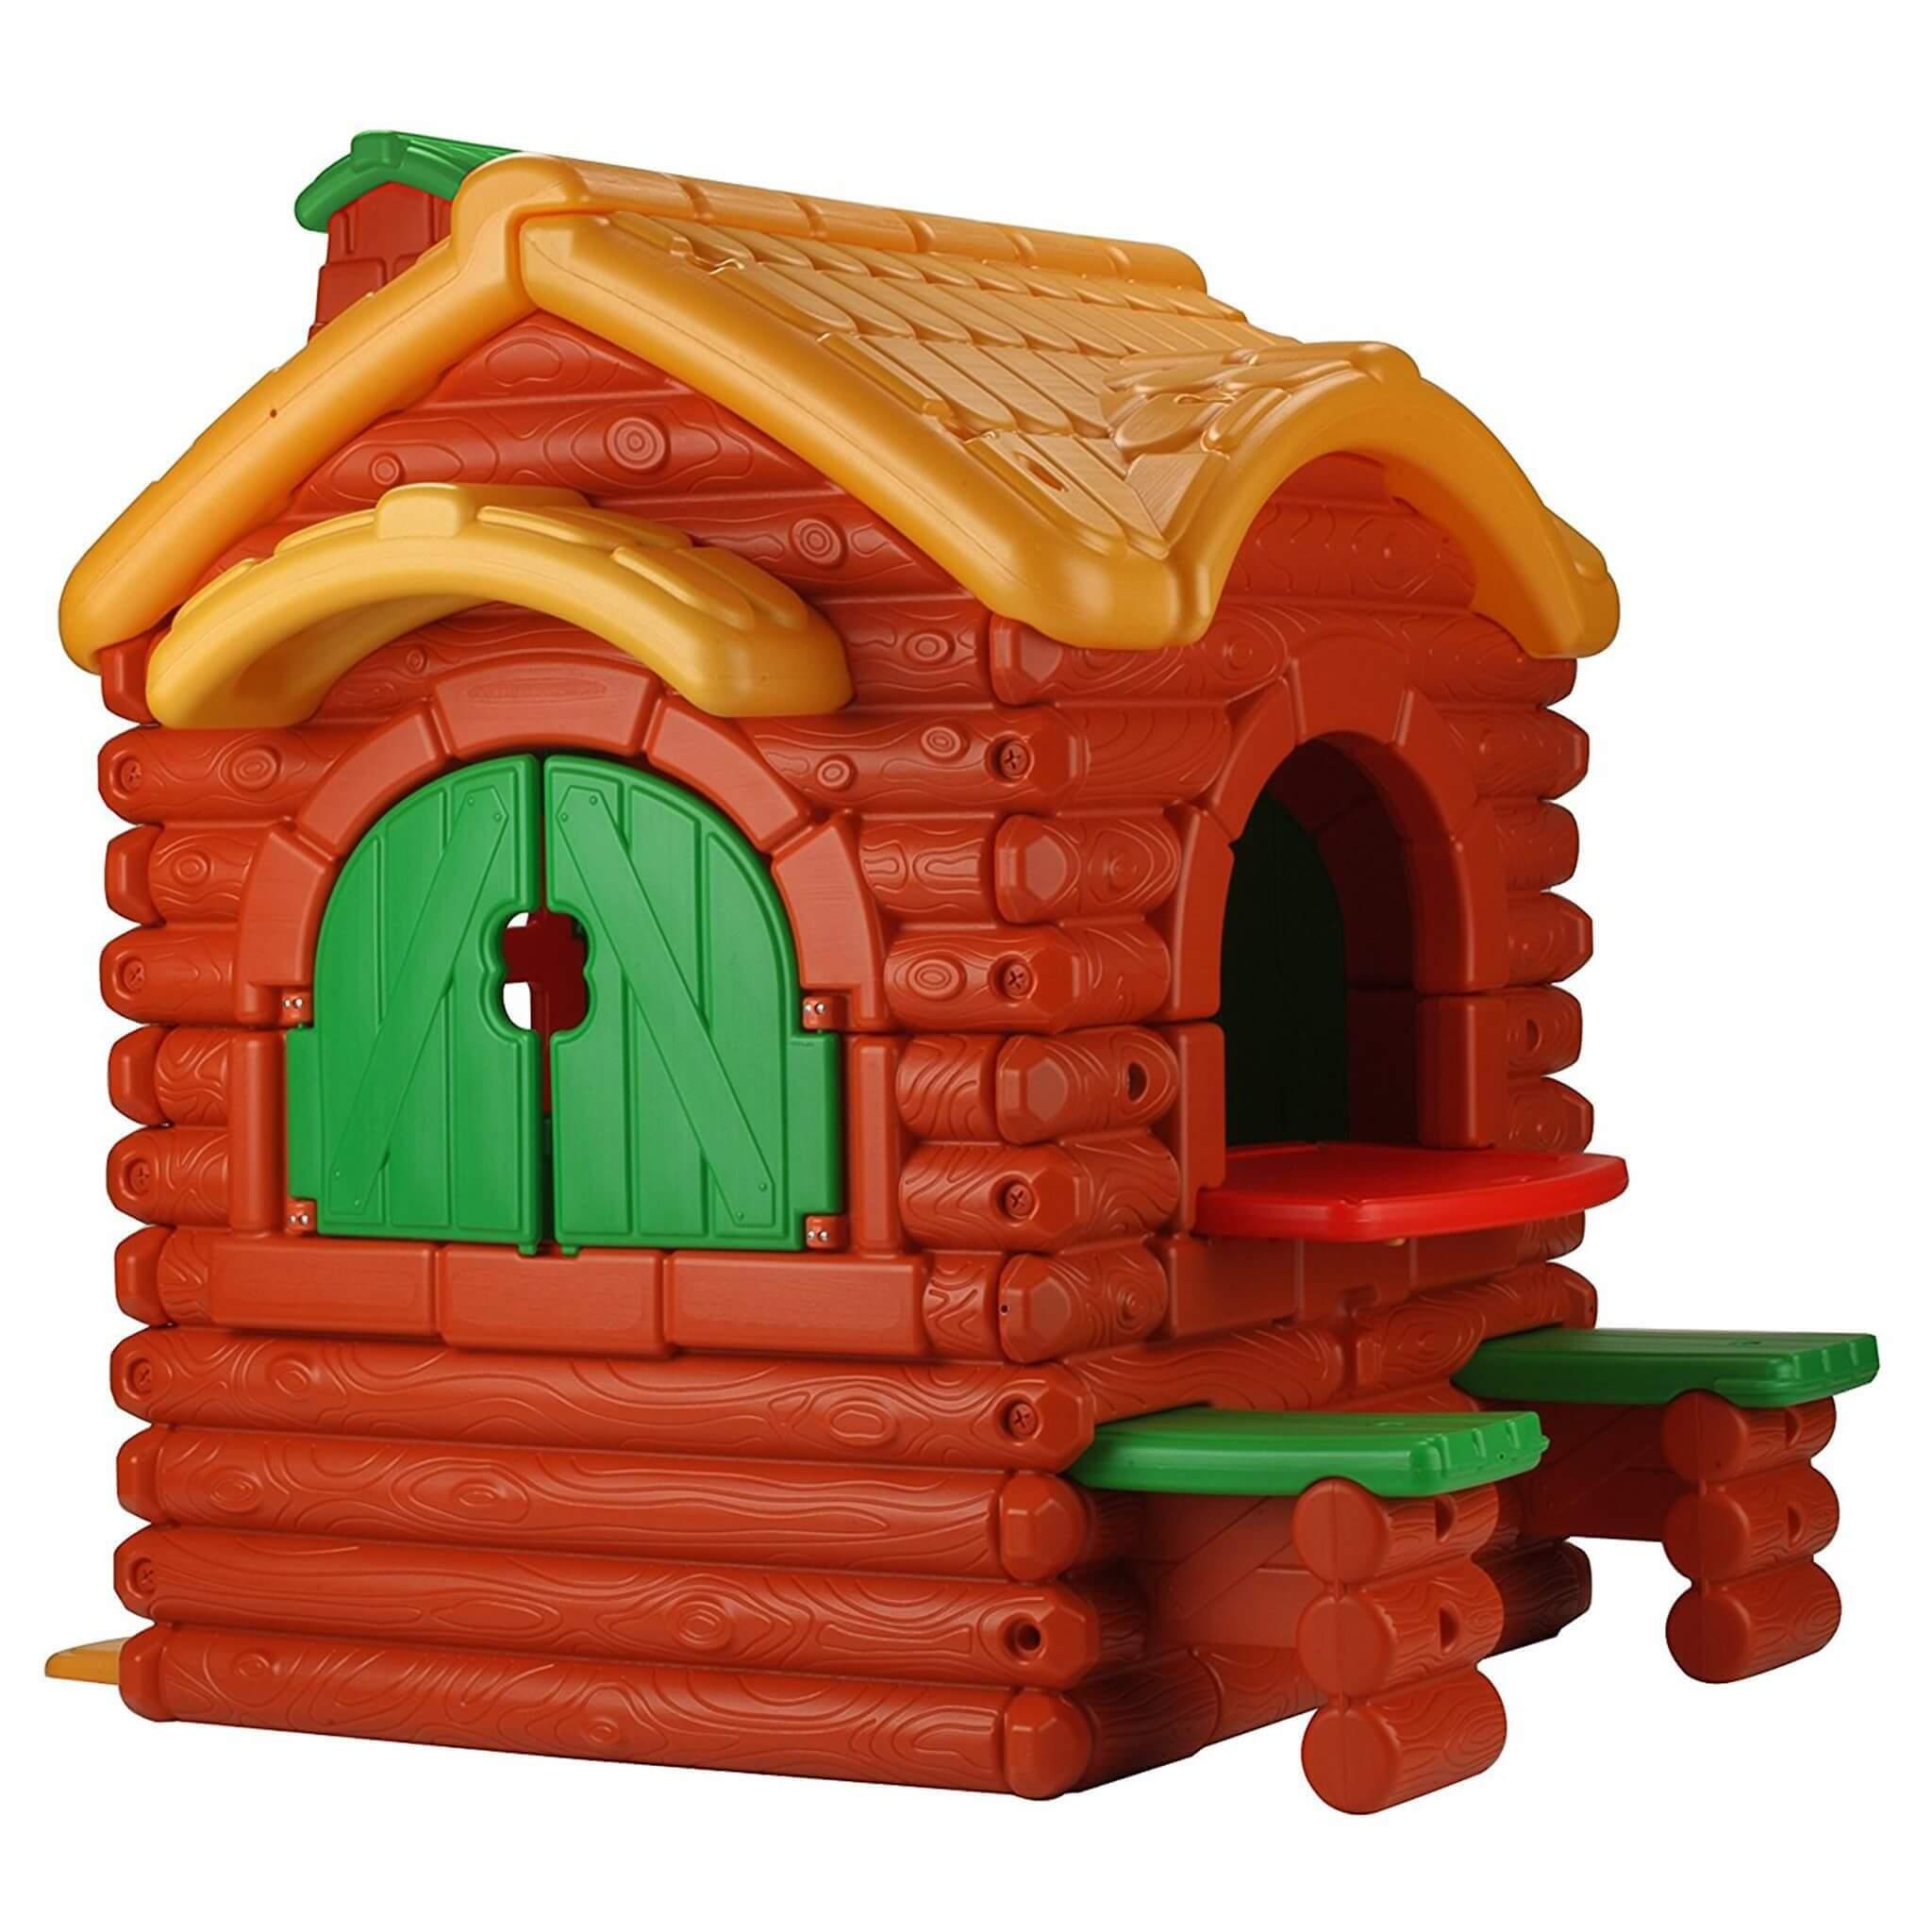 Casetta per bambini: un regalo perfetto per i nostri piccoli amici